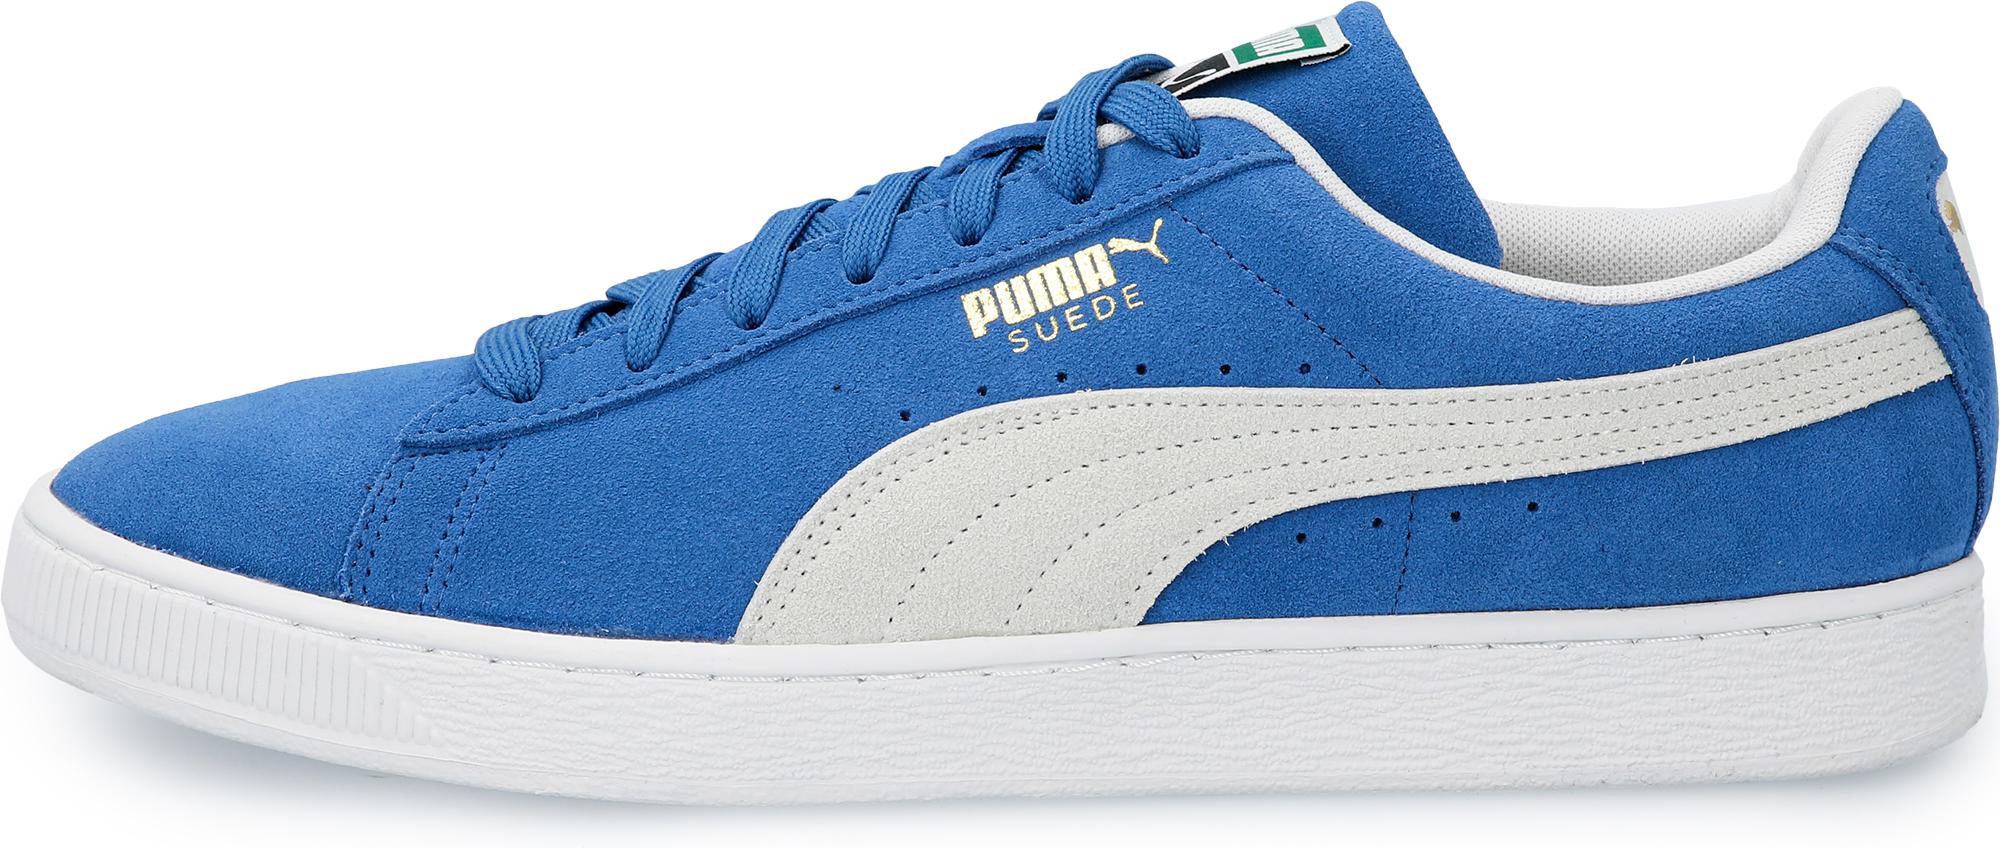 цена Puma Кеды мужские Puma Suede Classic+, размер 43 онлайн в 2017 году